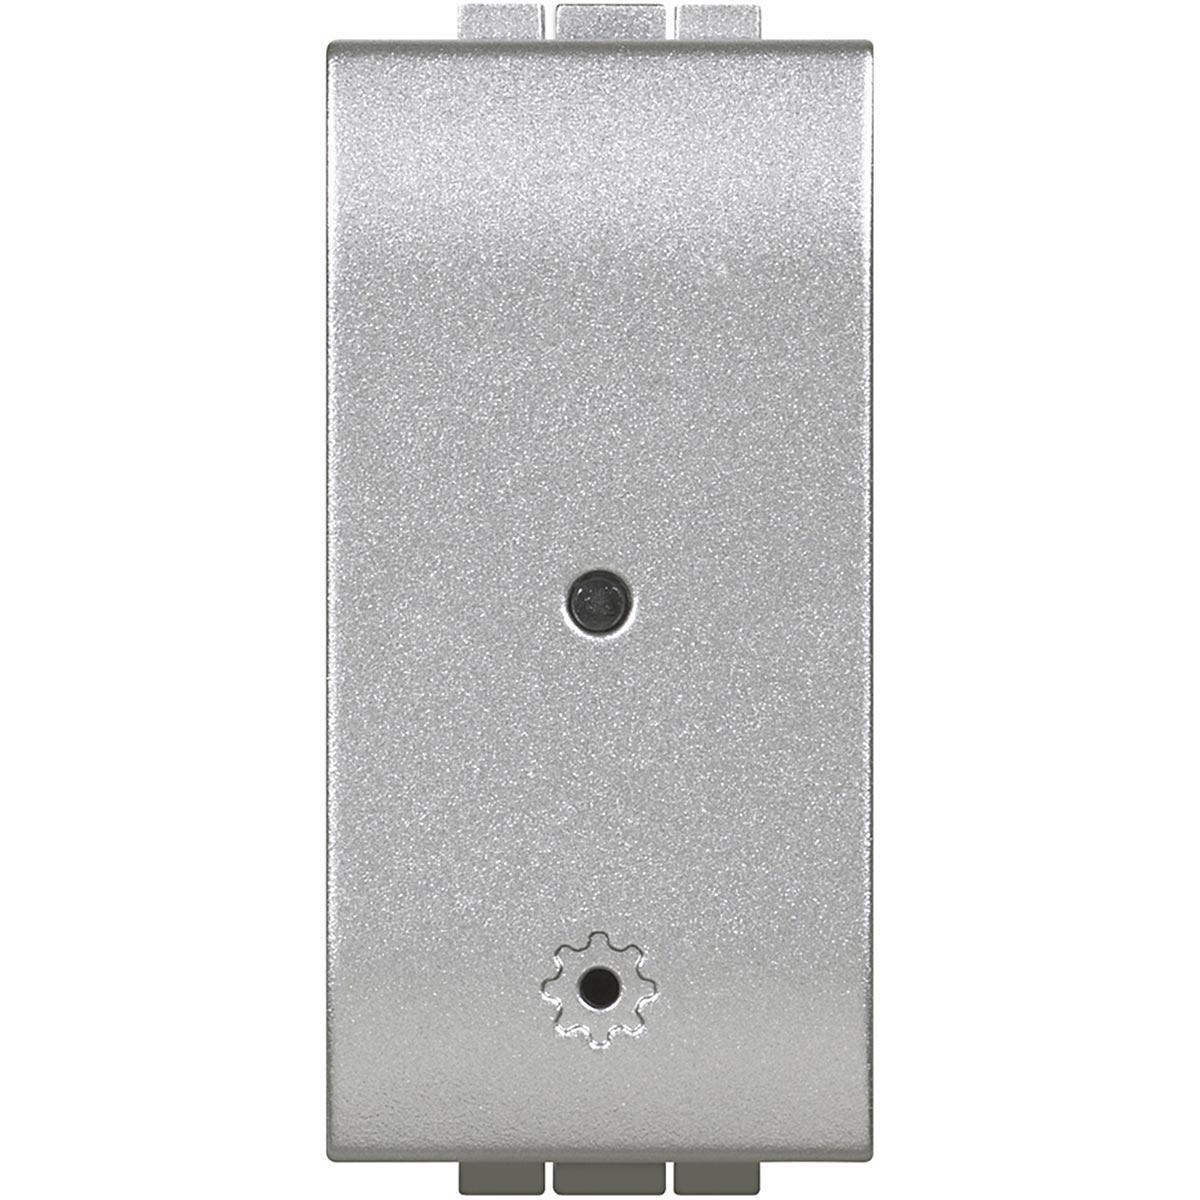 Modulo per presa connesso Bticino living Light Tech NT4531C